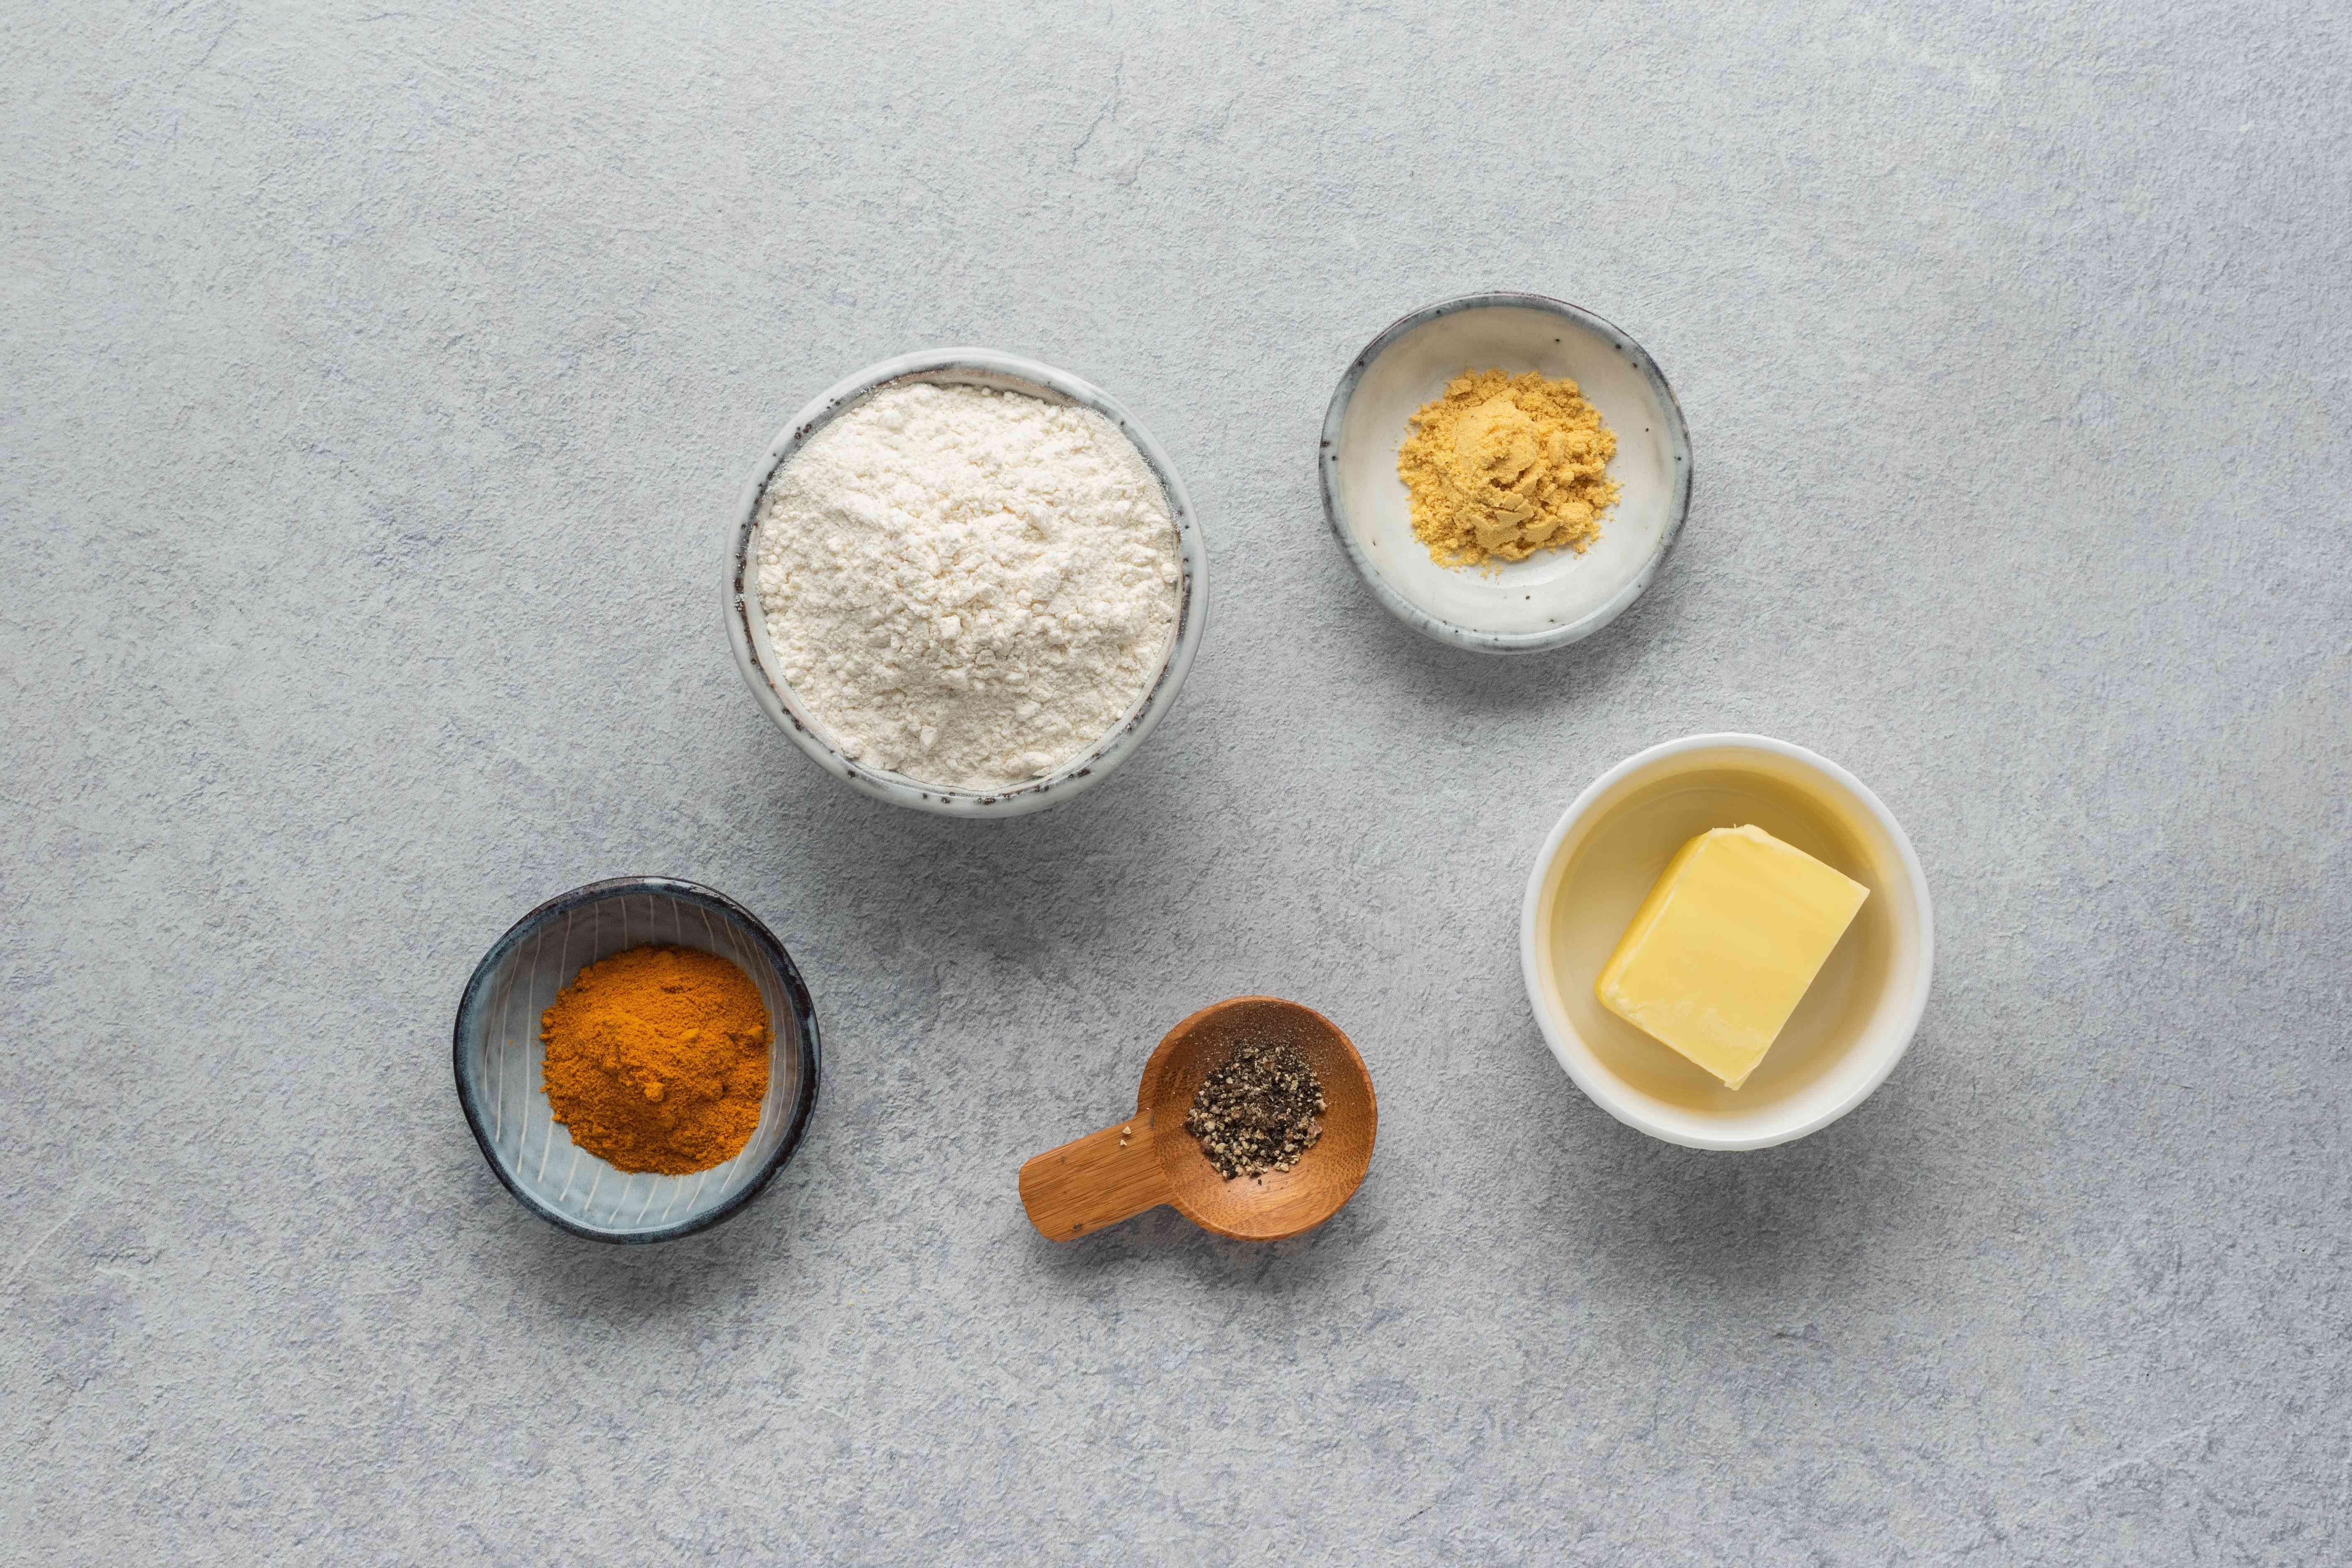 Ingredients to pickle vegetables